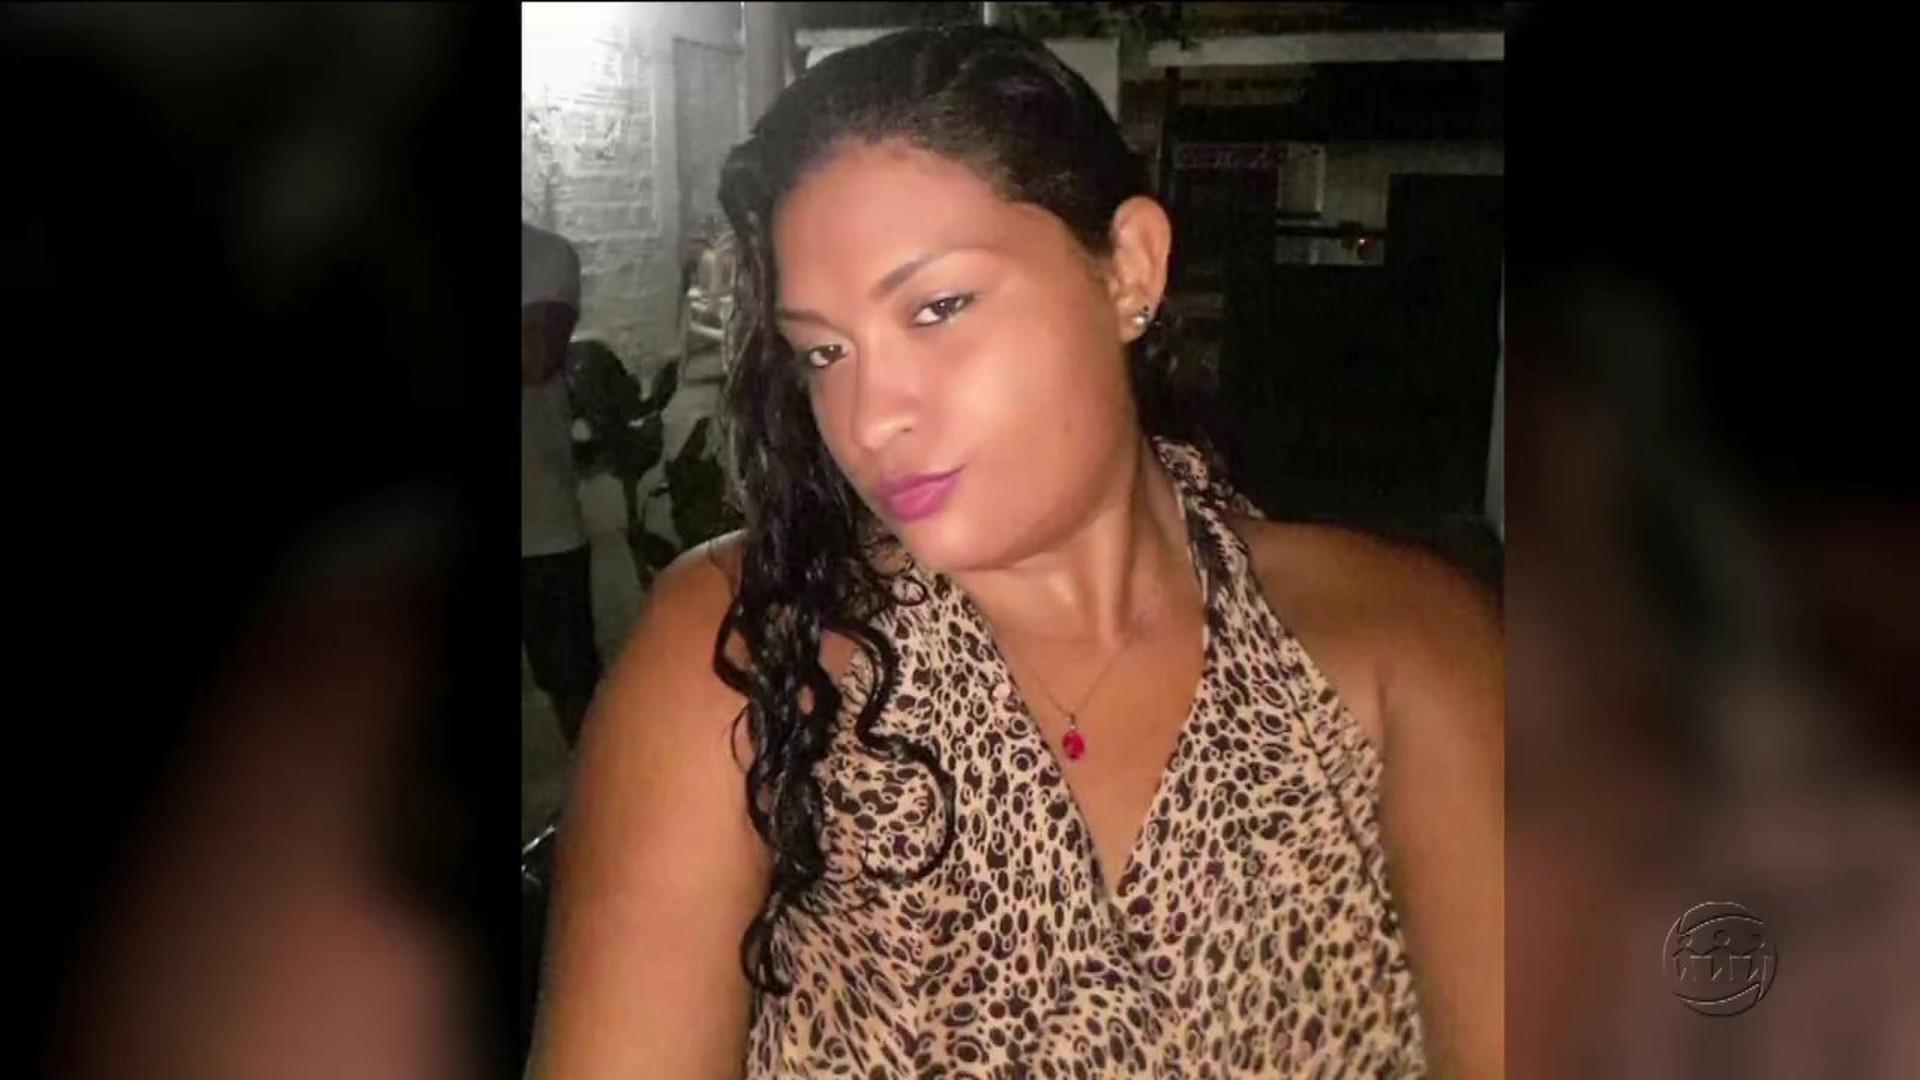 JOVEM É ENCONTRADA MORTA E SEMINUA EM IGARAPÉ - Cidade Alerta Manaus - 14/12/17